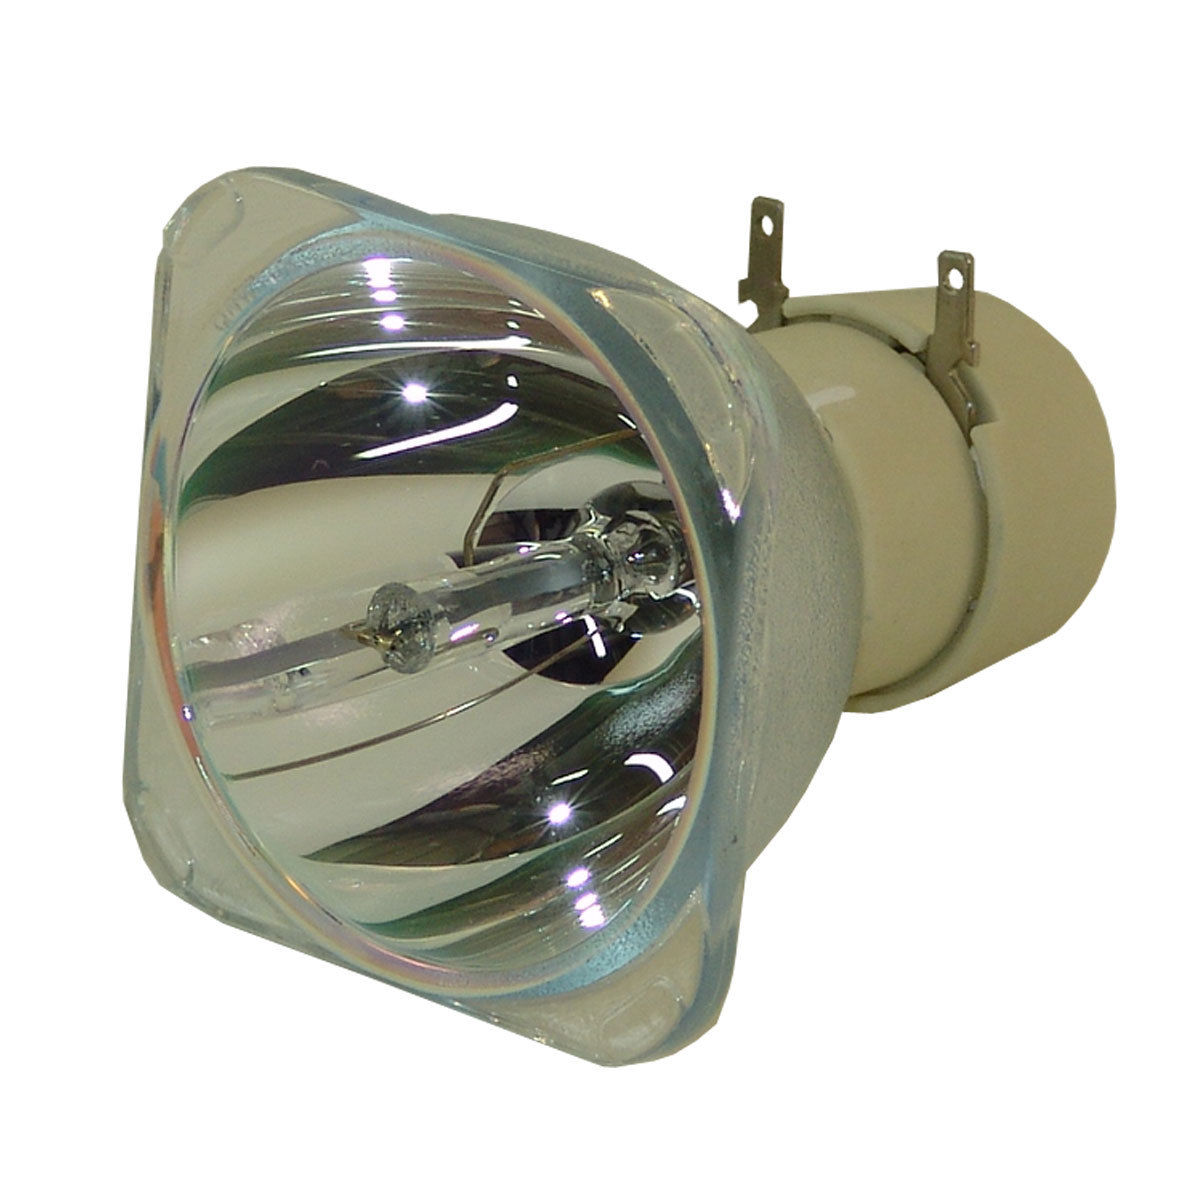 Фотография 100% Original Bare Bulb EC.J9000.001 Lamp for Acer X1130P X1130 X1230 X1130K X1130S X1230K X1230S X1230PK Projector Bulb Lamp